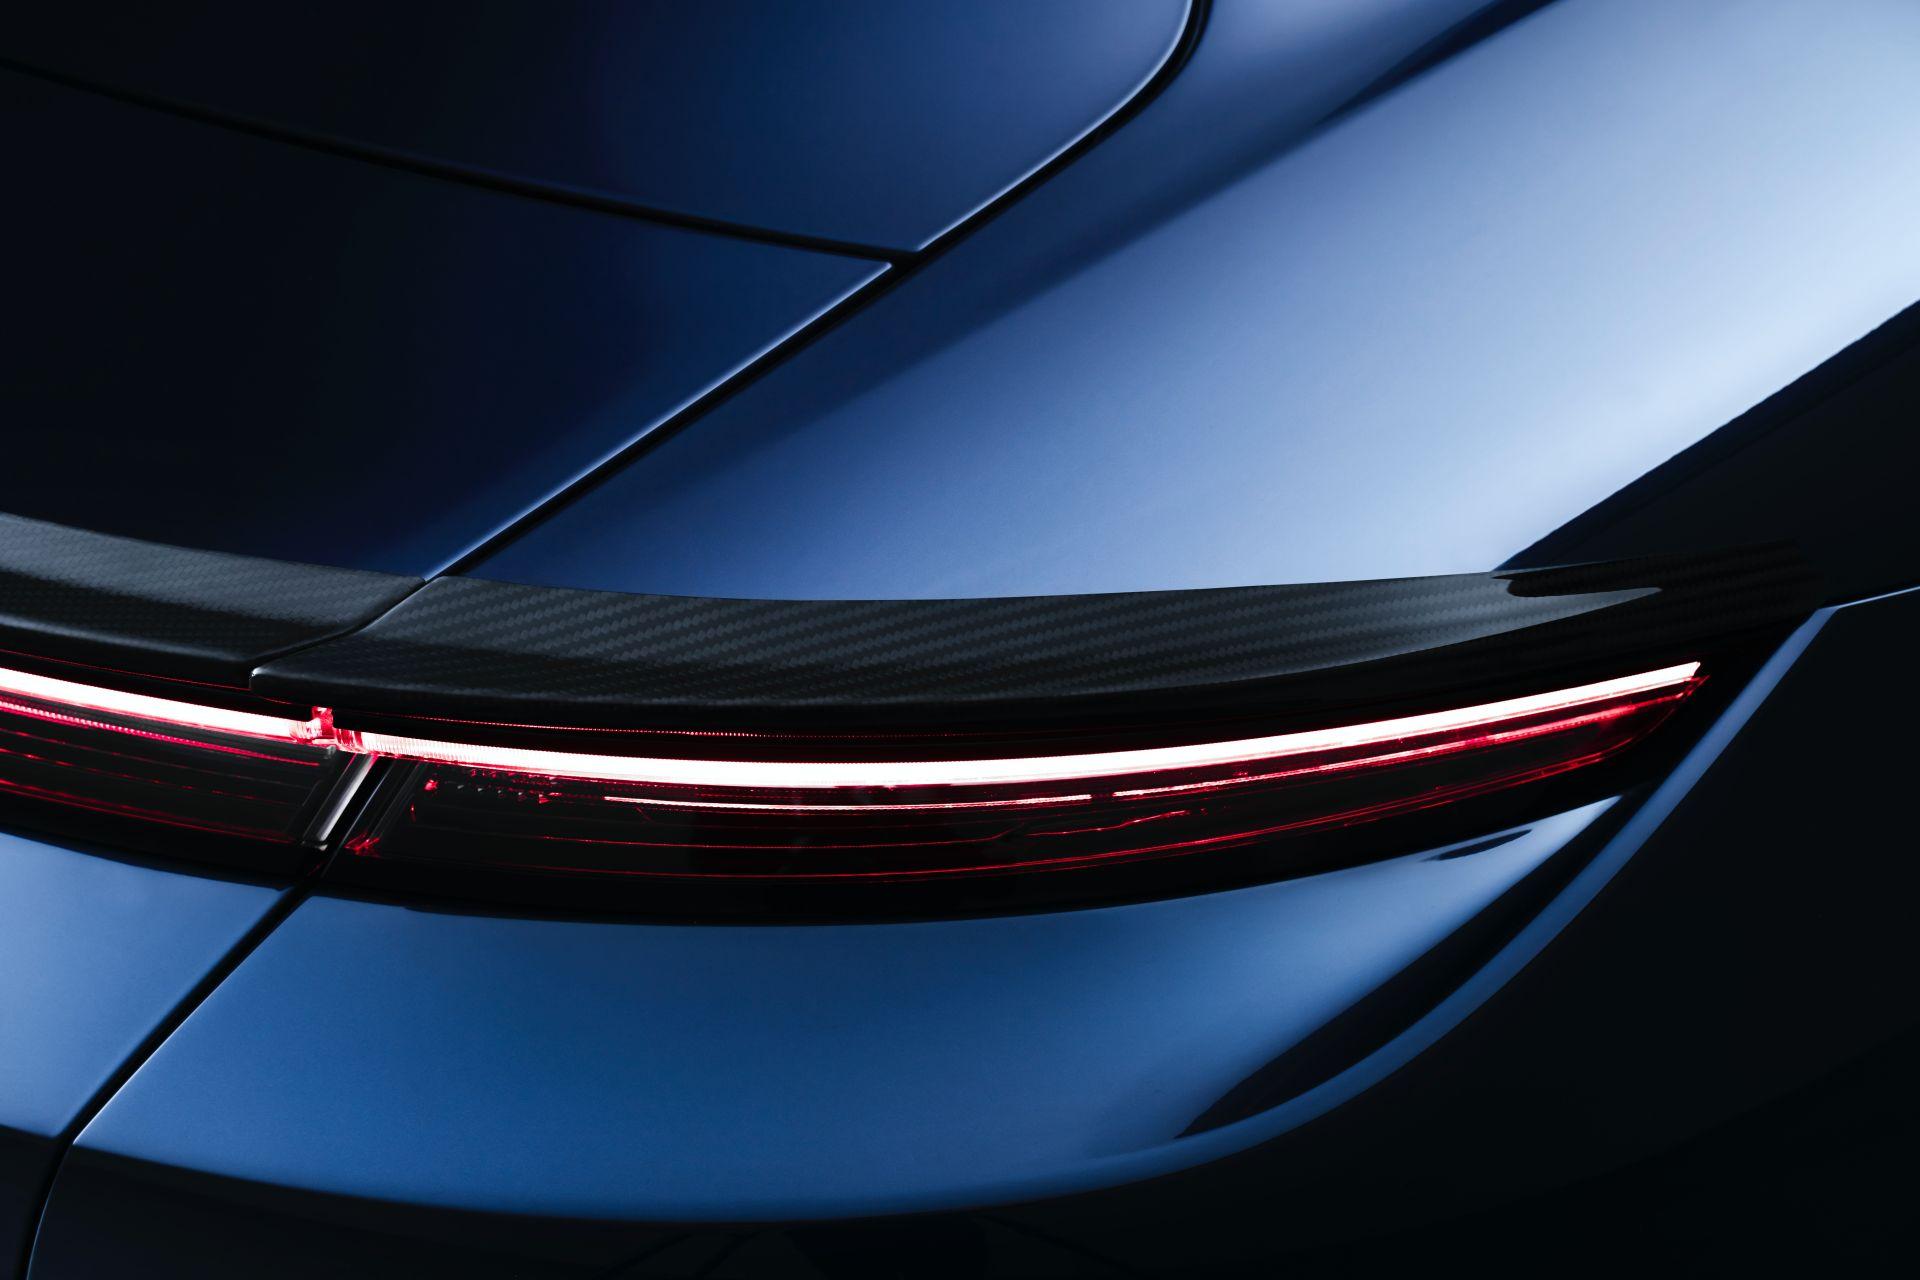 Porsche-Taycan-by-Zyrus-Engineering-8